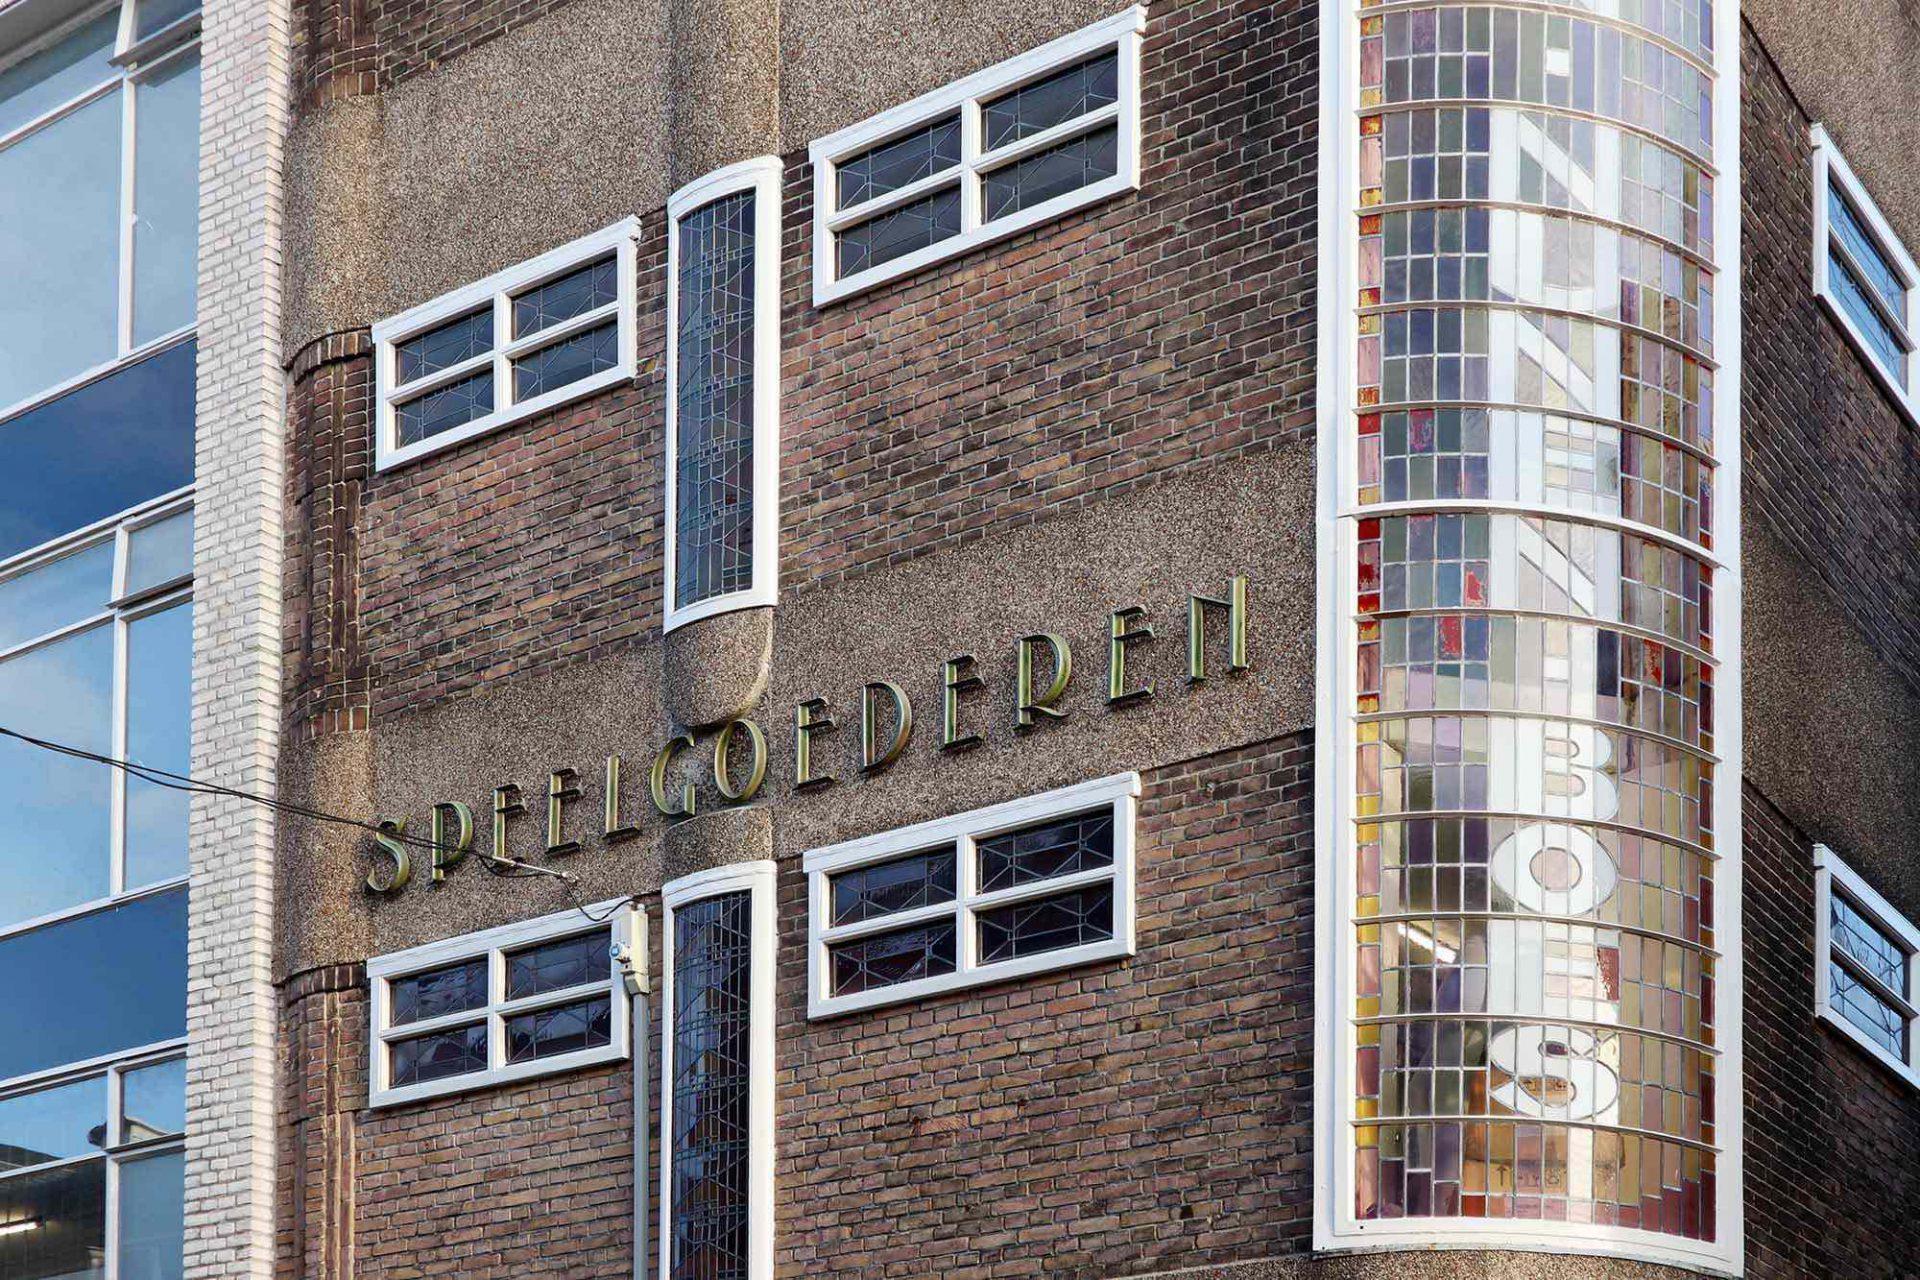 Speelgoederen. Ein schönes Beispiel des Bauens in den 1920ern steht in der Heuvelstraat Ecke Alexanderstraat.